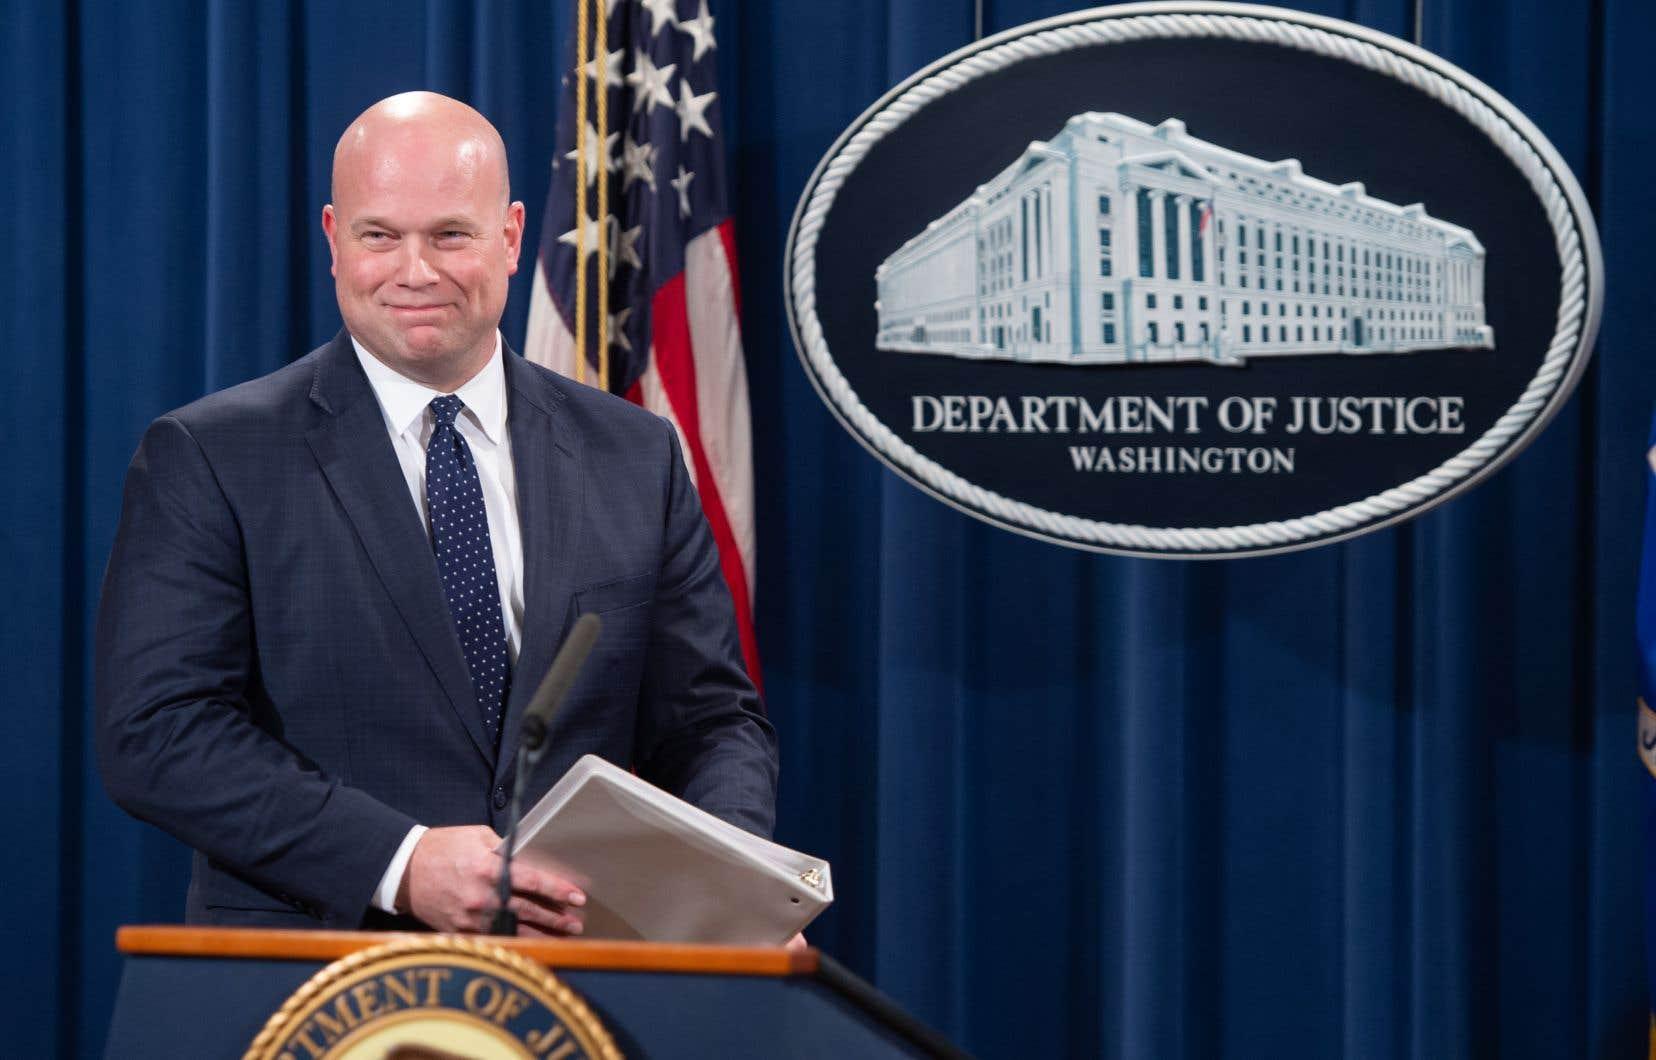 Le ministre américain de la Justice par intérim, Matthew Whitaker